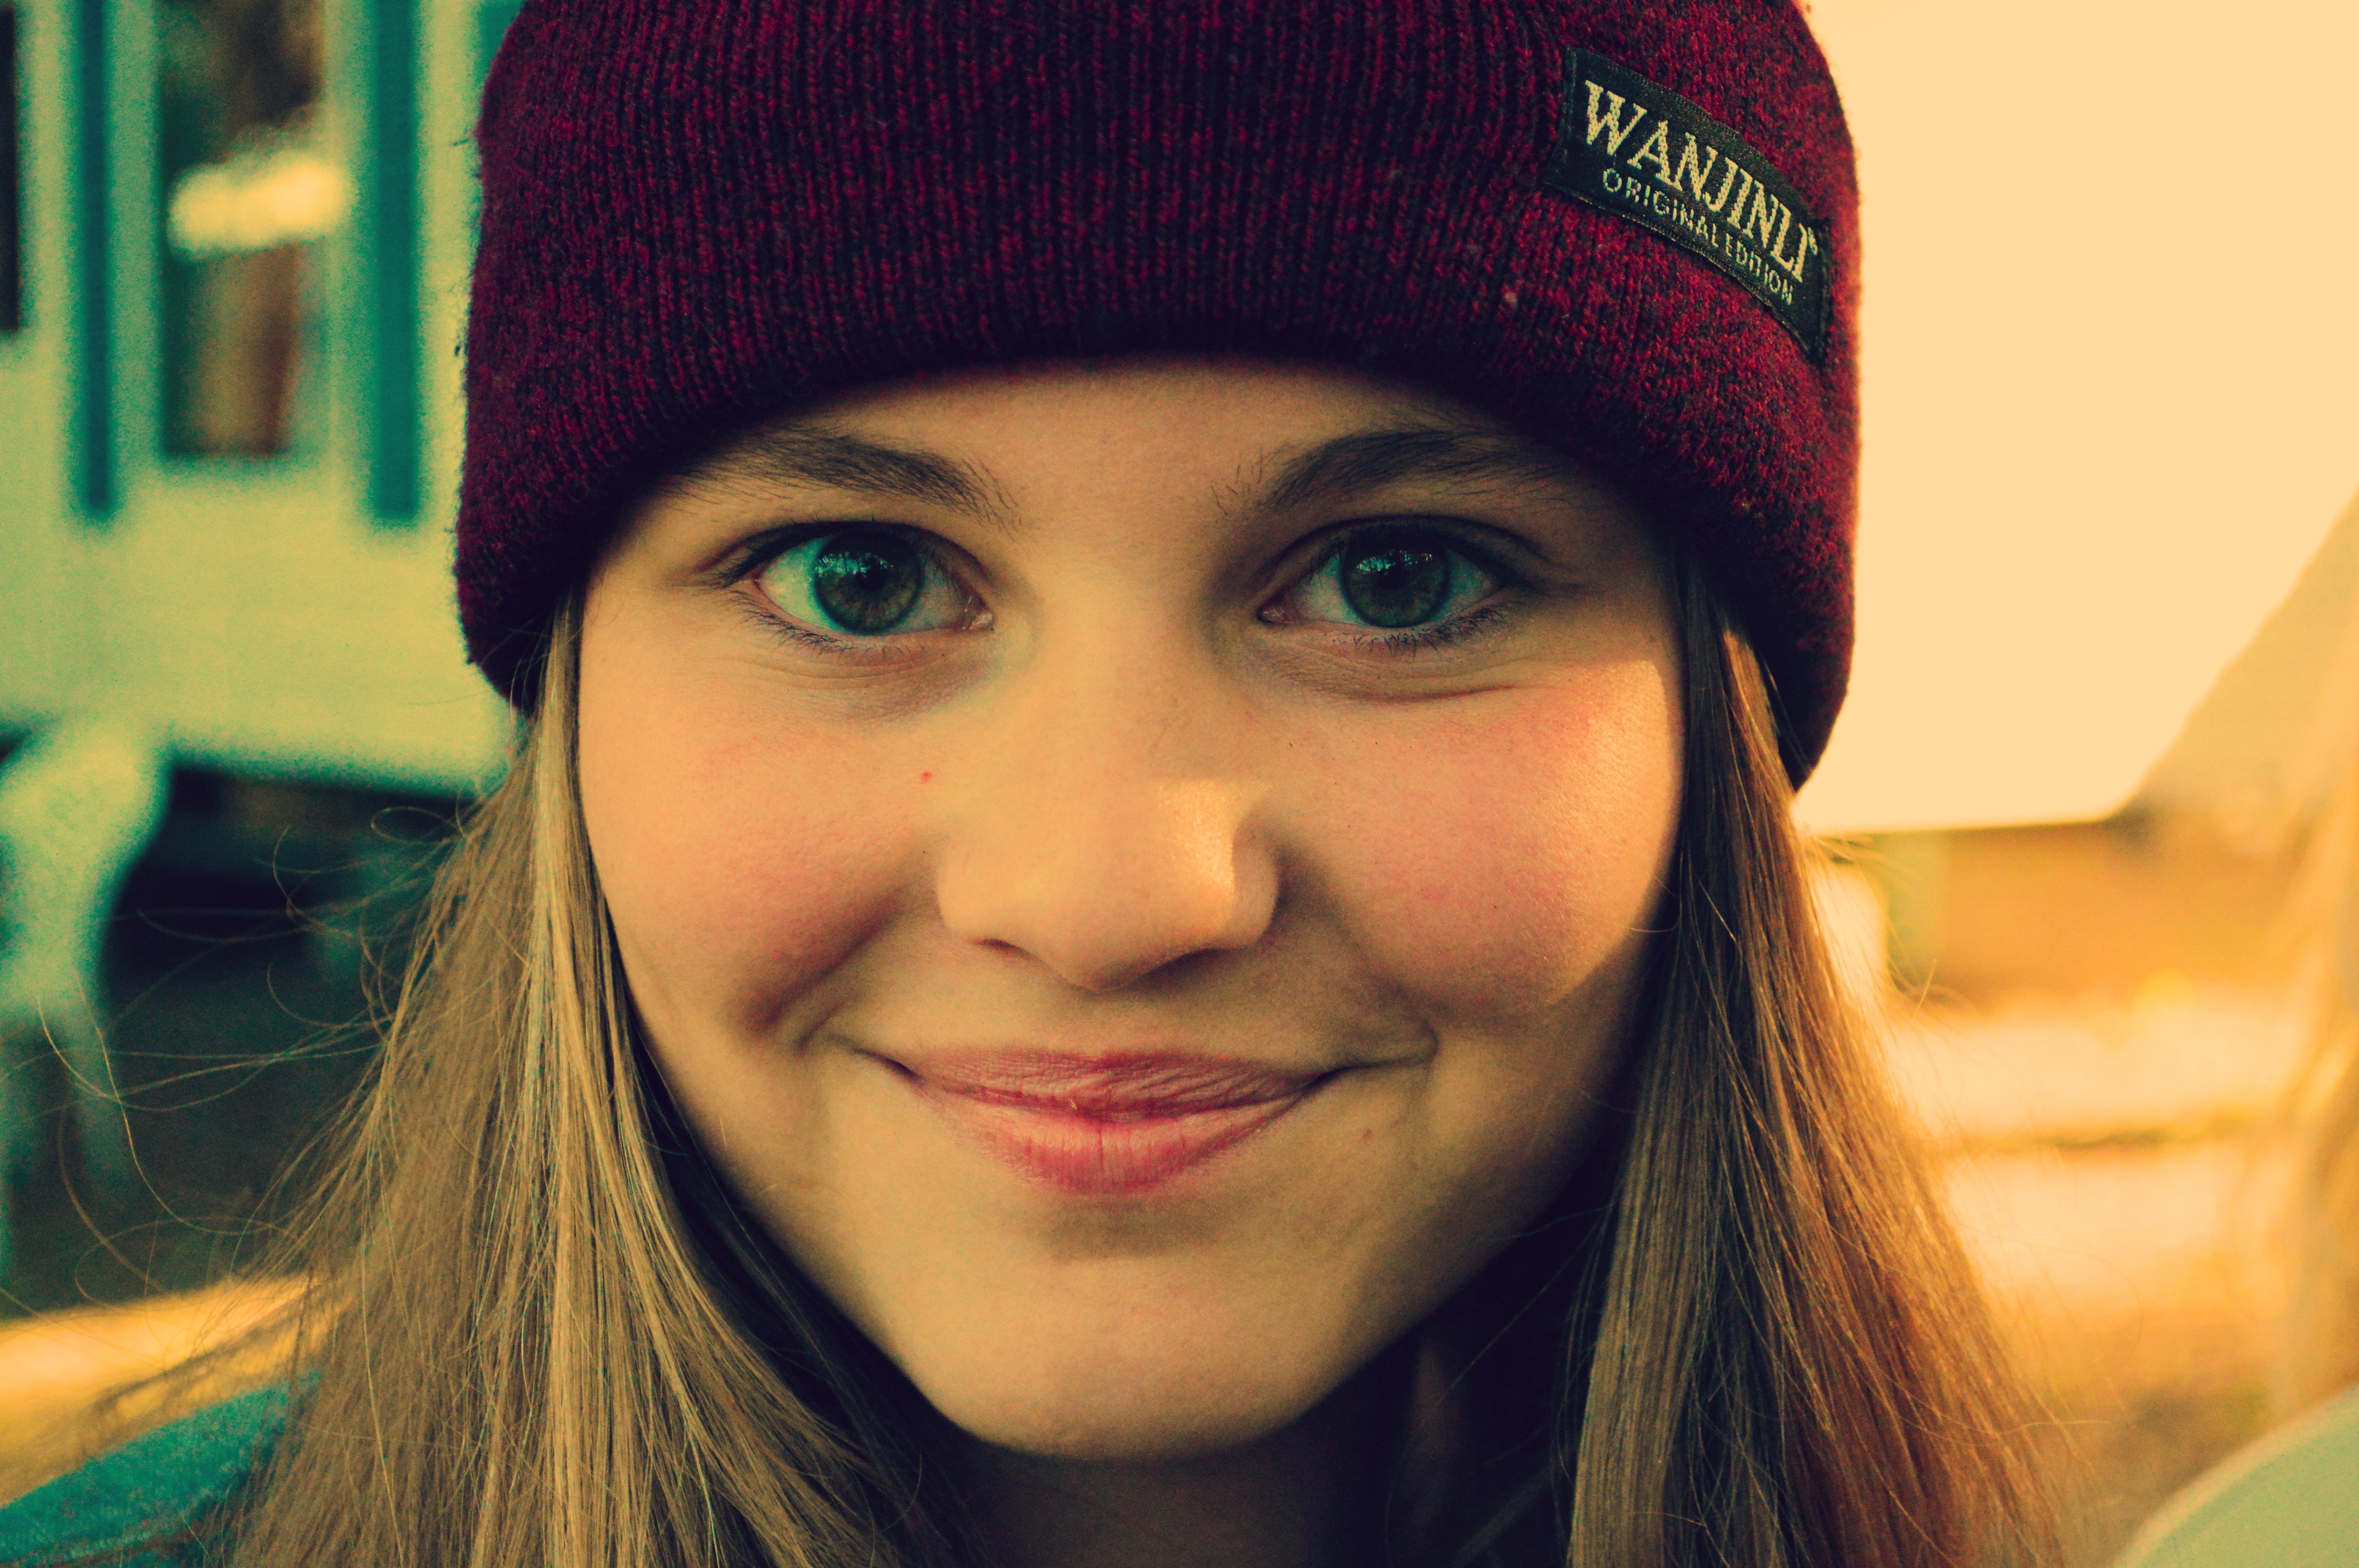 Chica sonriendo con gorra - 6018x4001